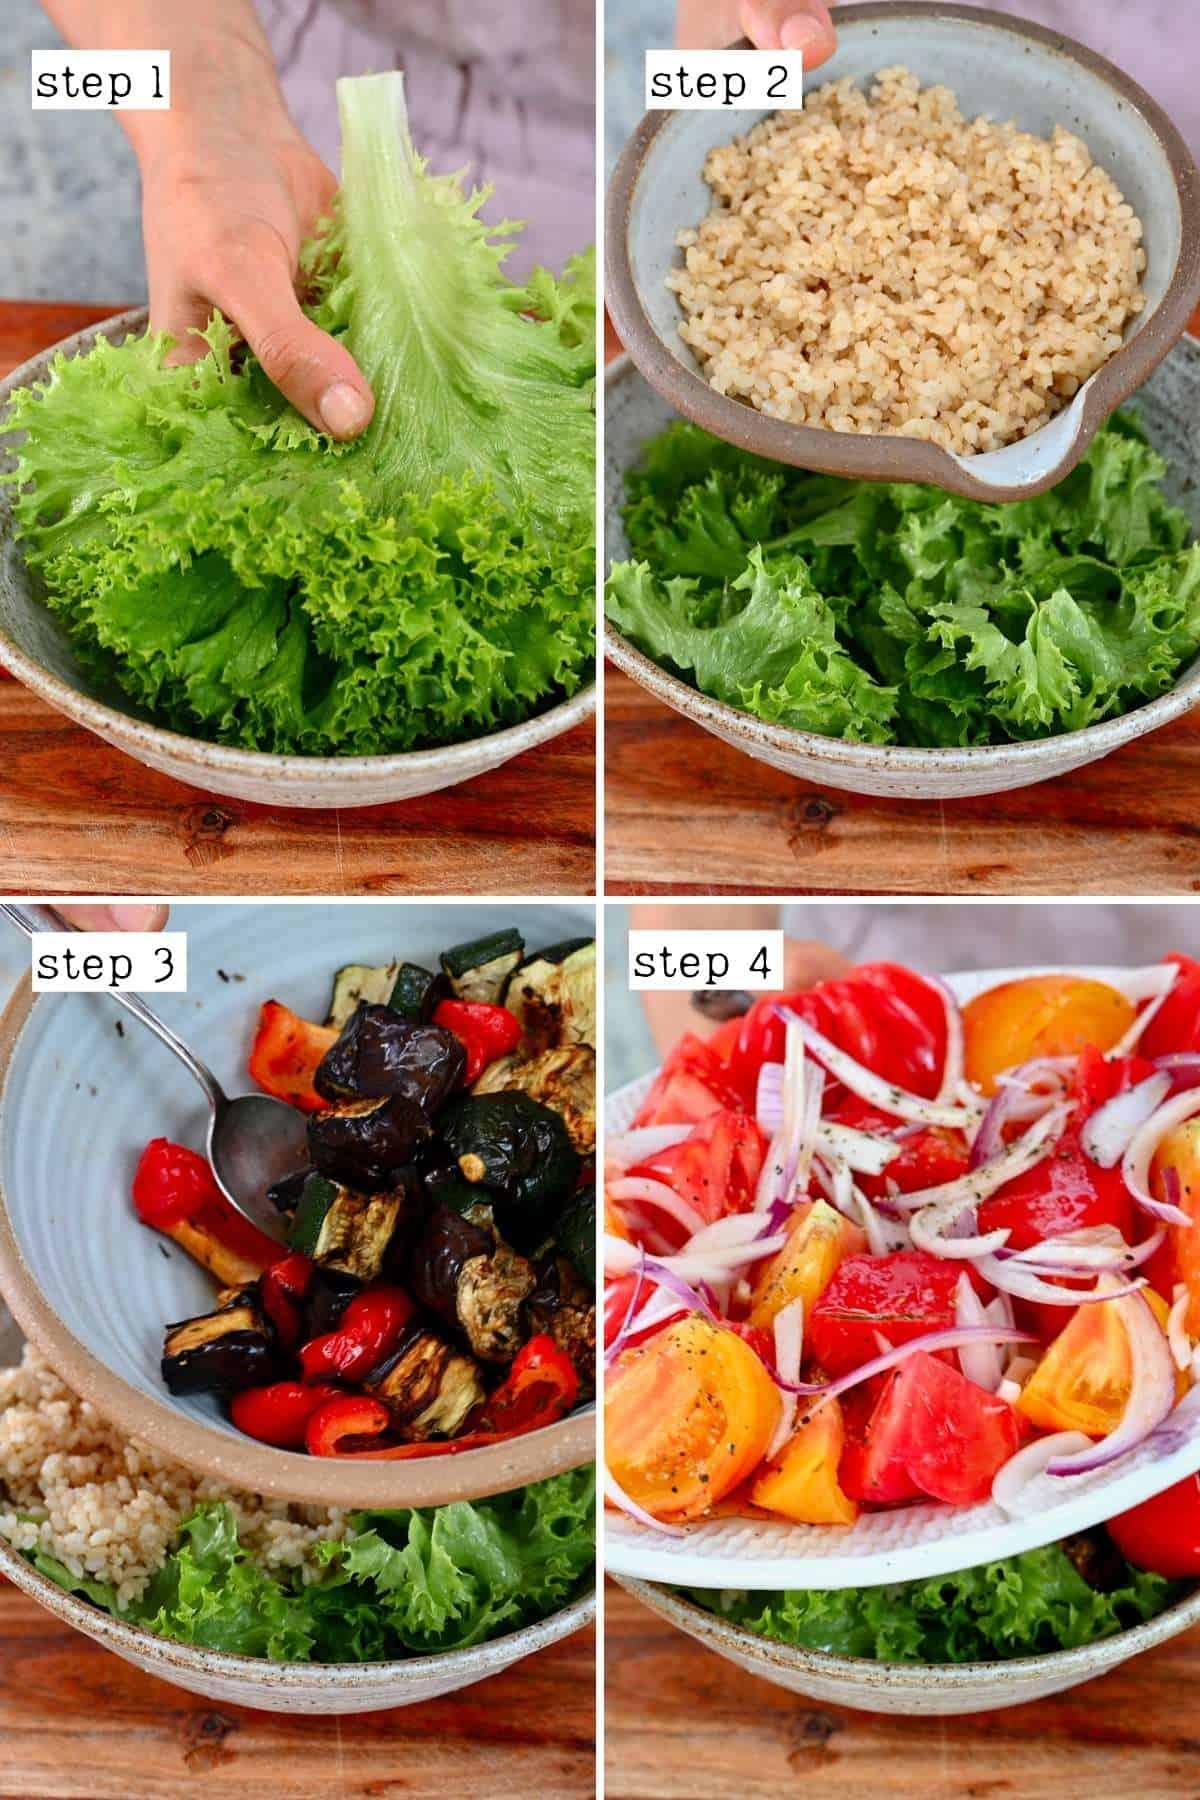 Steps for preparing roasted vegetable salad